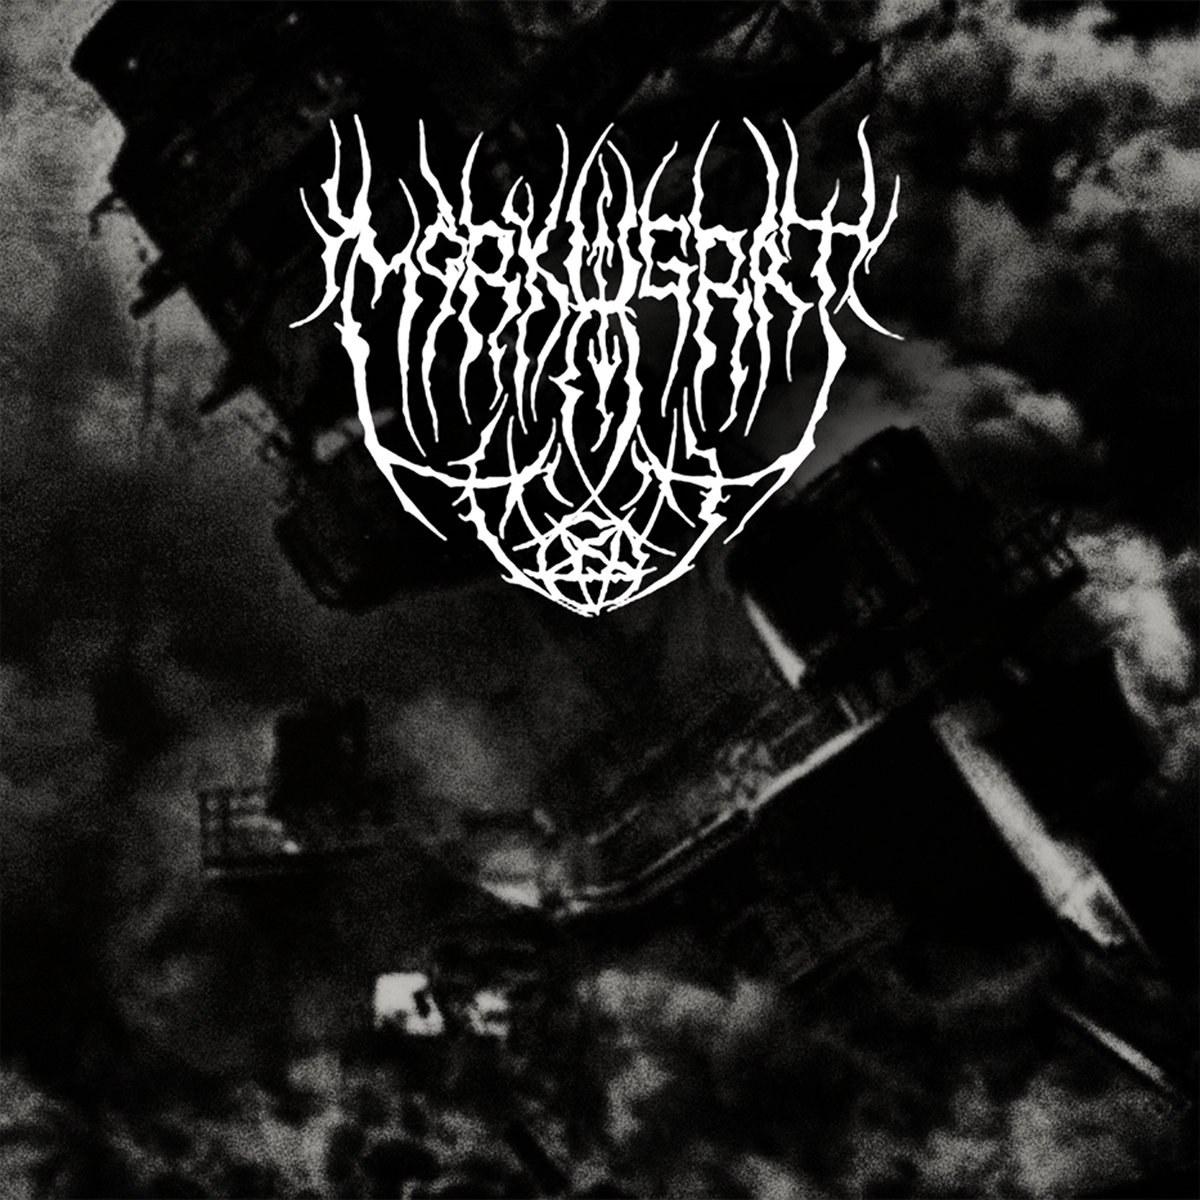 Review for Morkhgrat - Morkhgrat